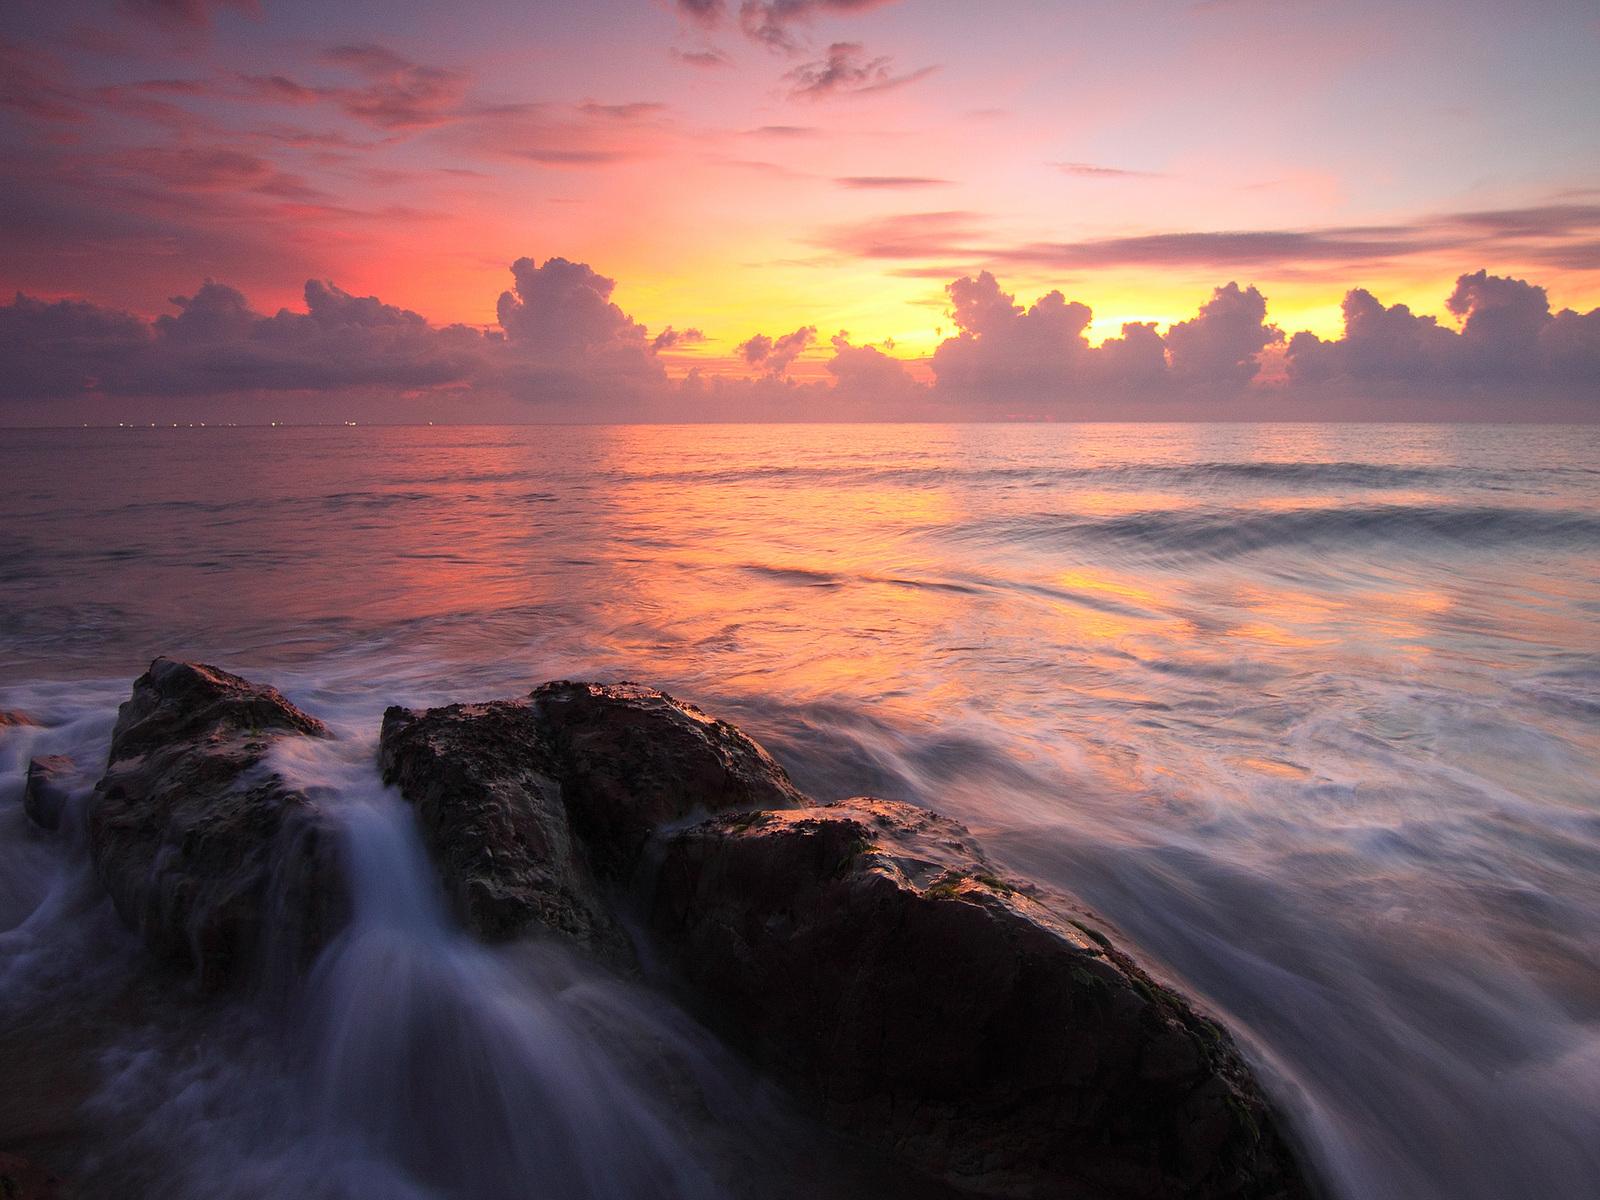 seascape-sunset-water-rocks-ocean-0j.jpg